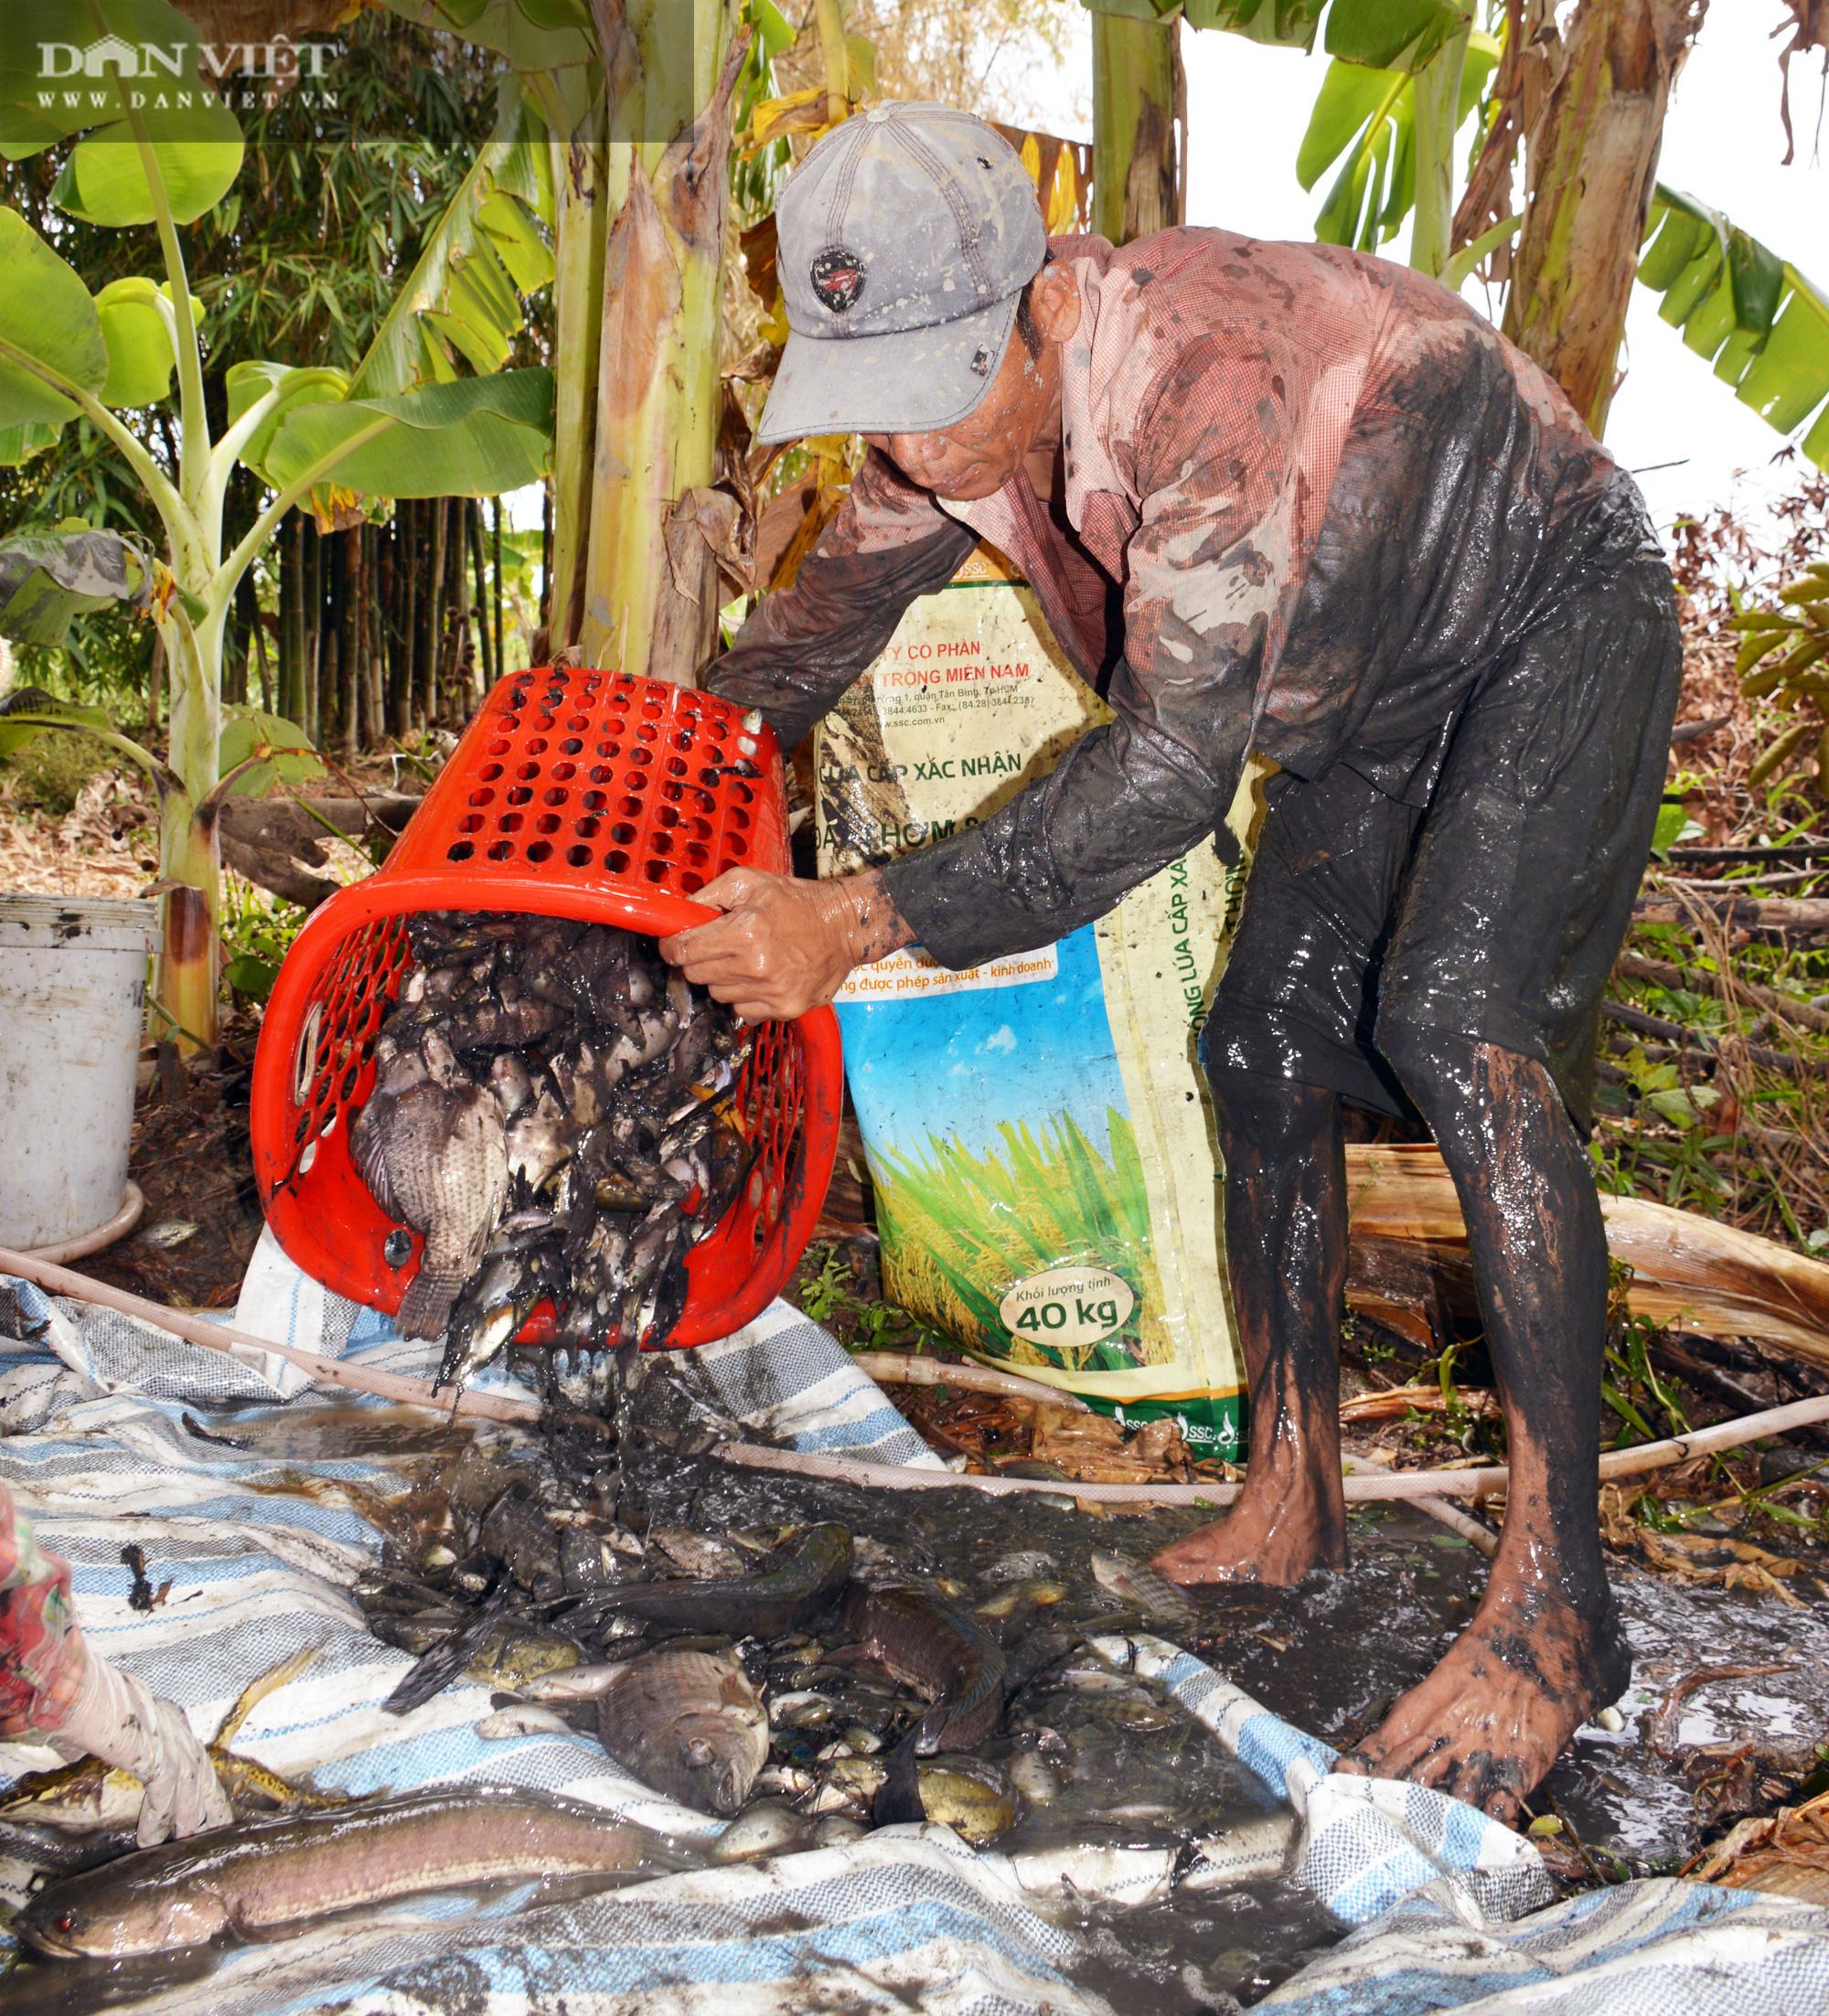 Về Cà Mau tát đìa bắt cá đồng to bự mang nướng than giữa đồng - Ảnh 10.